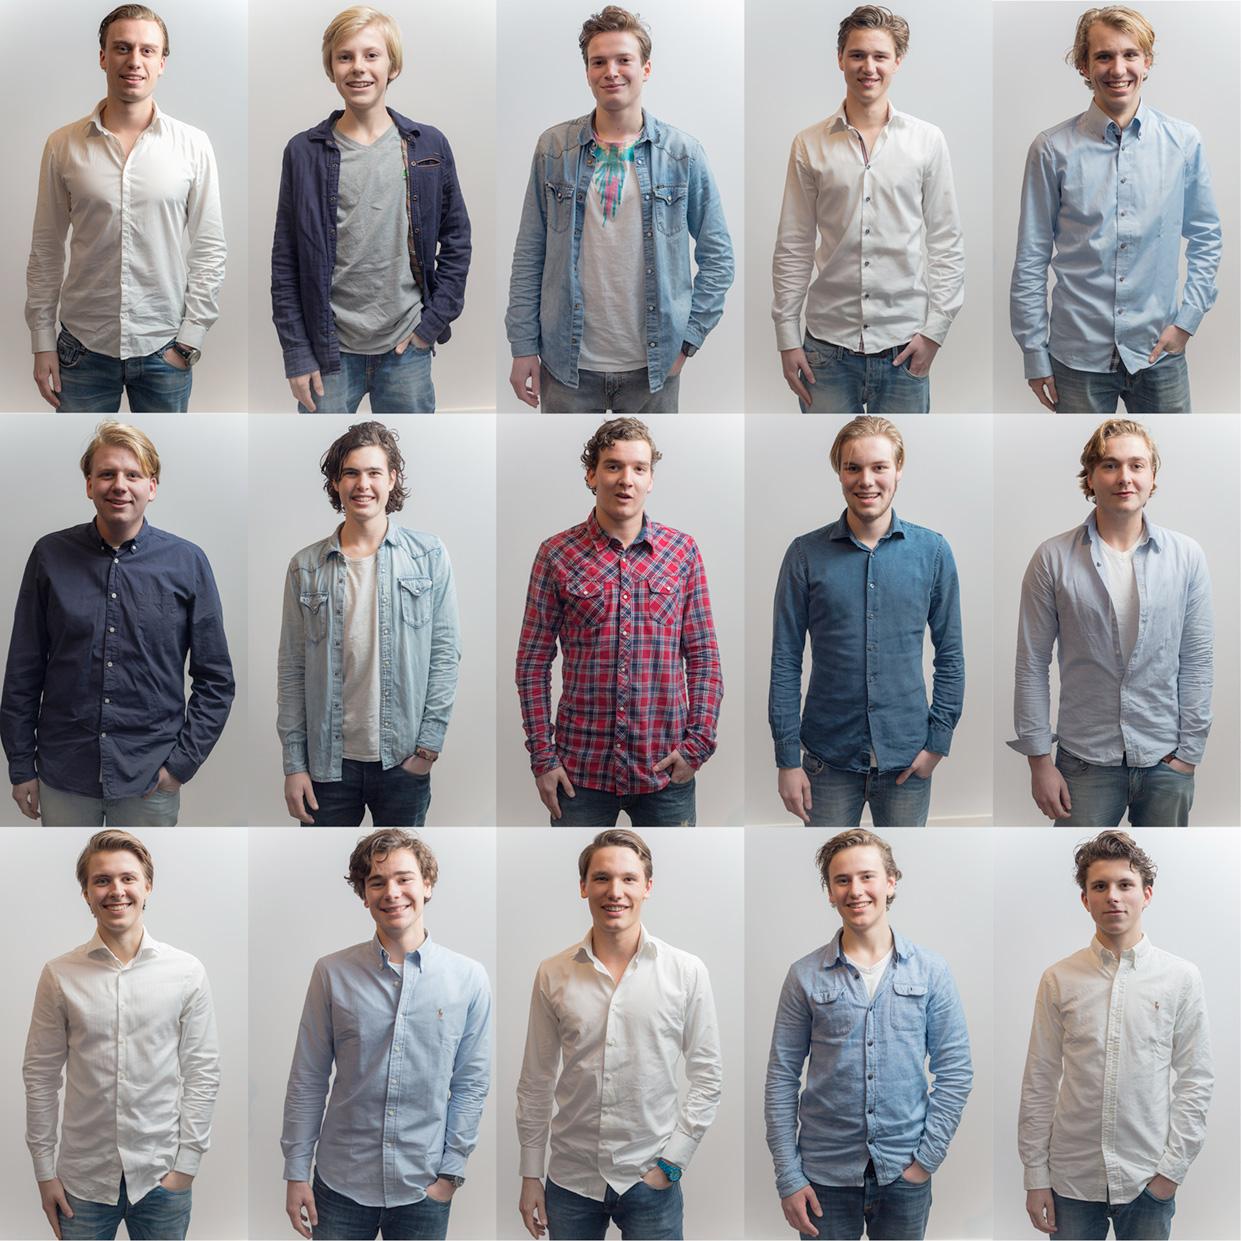 poster_jongens.jpg